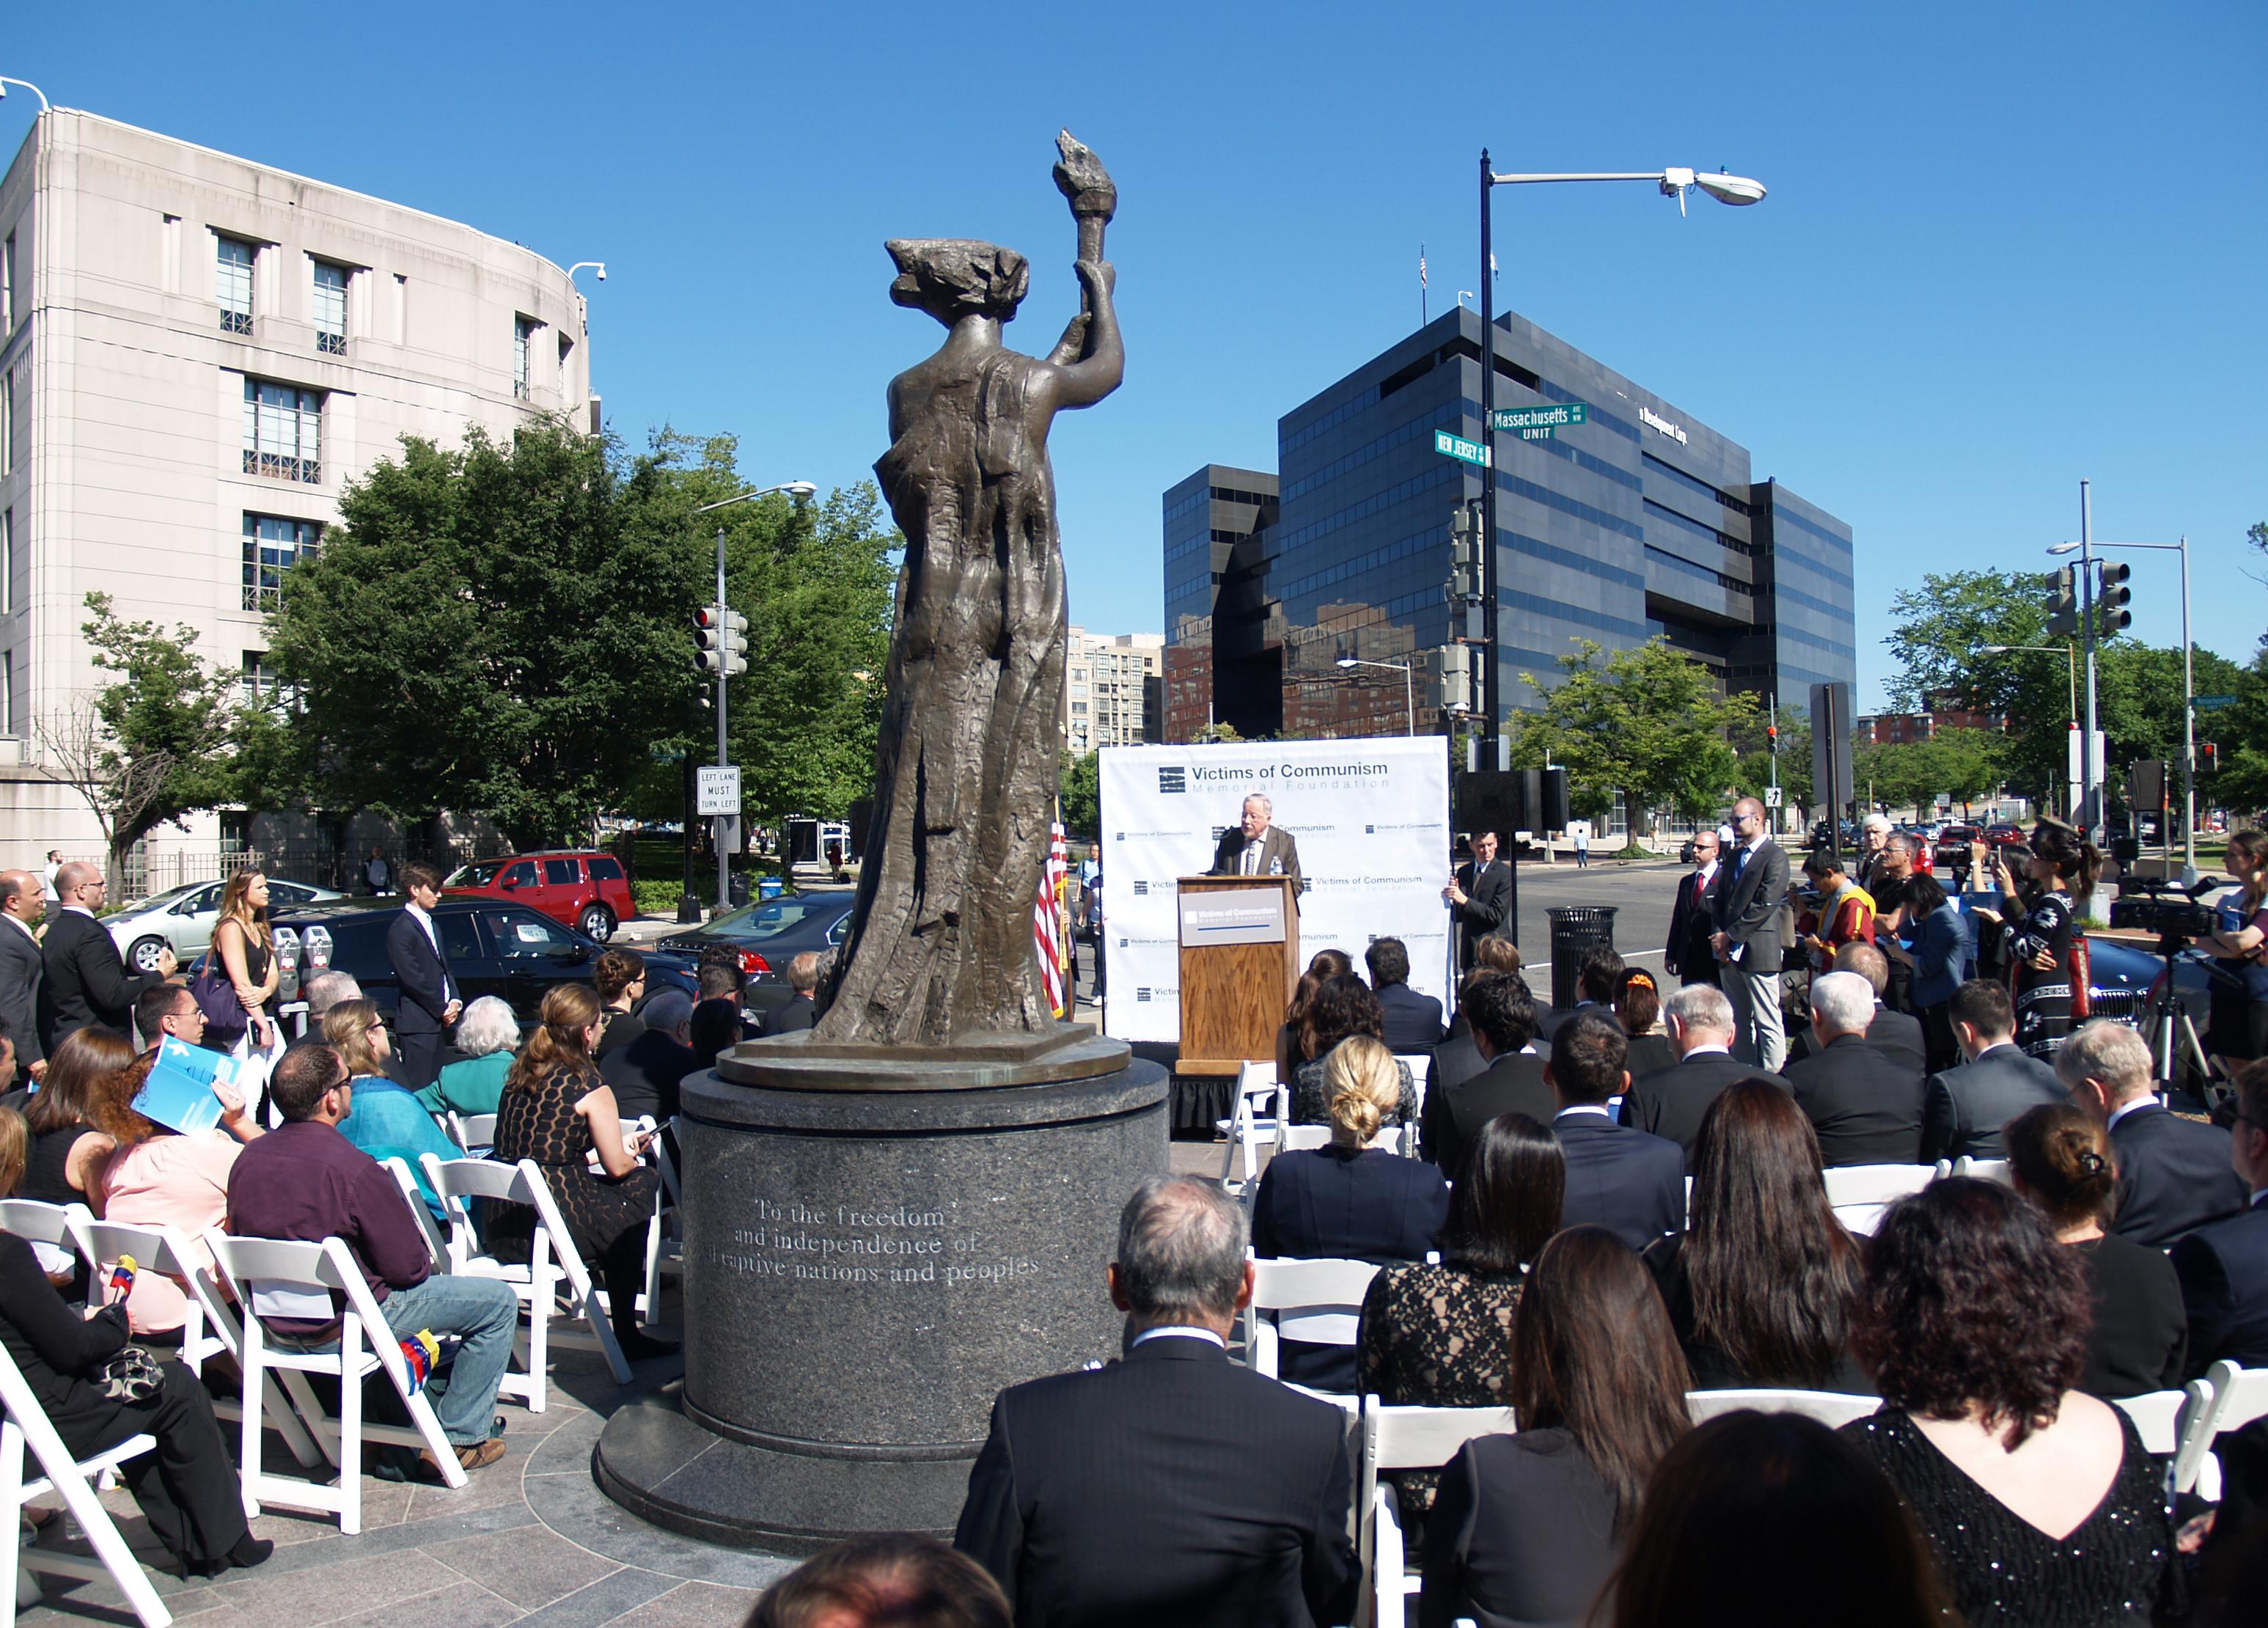 O ex-chefe de estado lituano Vytautas Landsbergis faz o discurso principal na décima cerimônia anual da Medalha da Liberdade Truman-Reagan e da Lista de Chamada das Nações, em 9 de junho em Washington, D.C. (Kitty Wang/NTD Televsion)